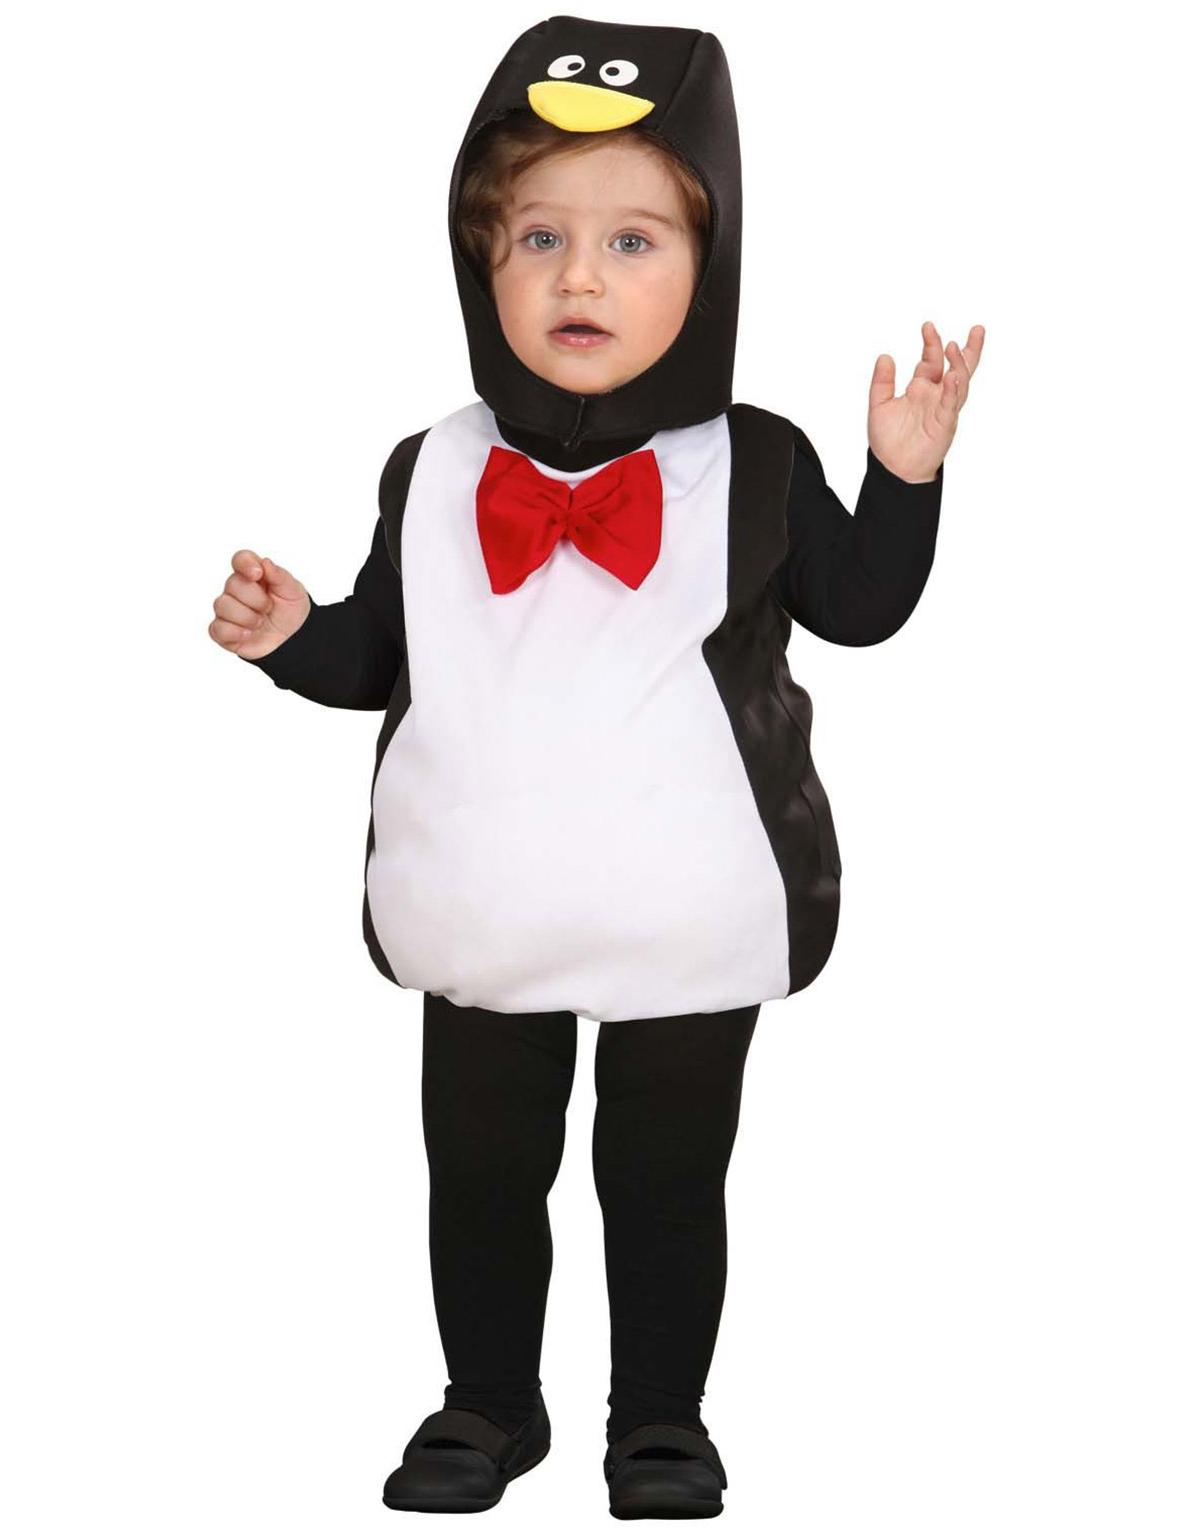 d guisement pingouin bouffant b b deguise toi achat de d guisements enfants. Black Bedroom Furniture Sets. Home Design Ideas